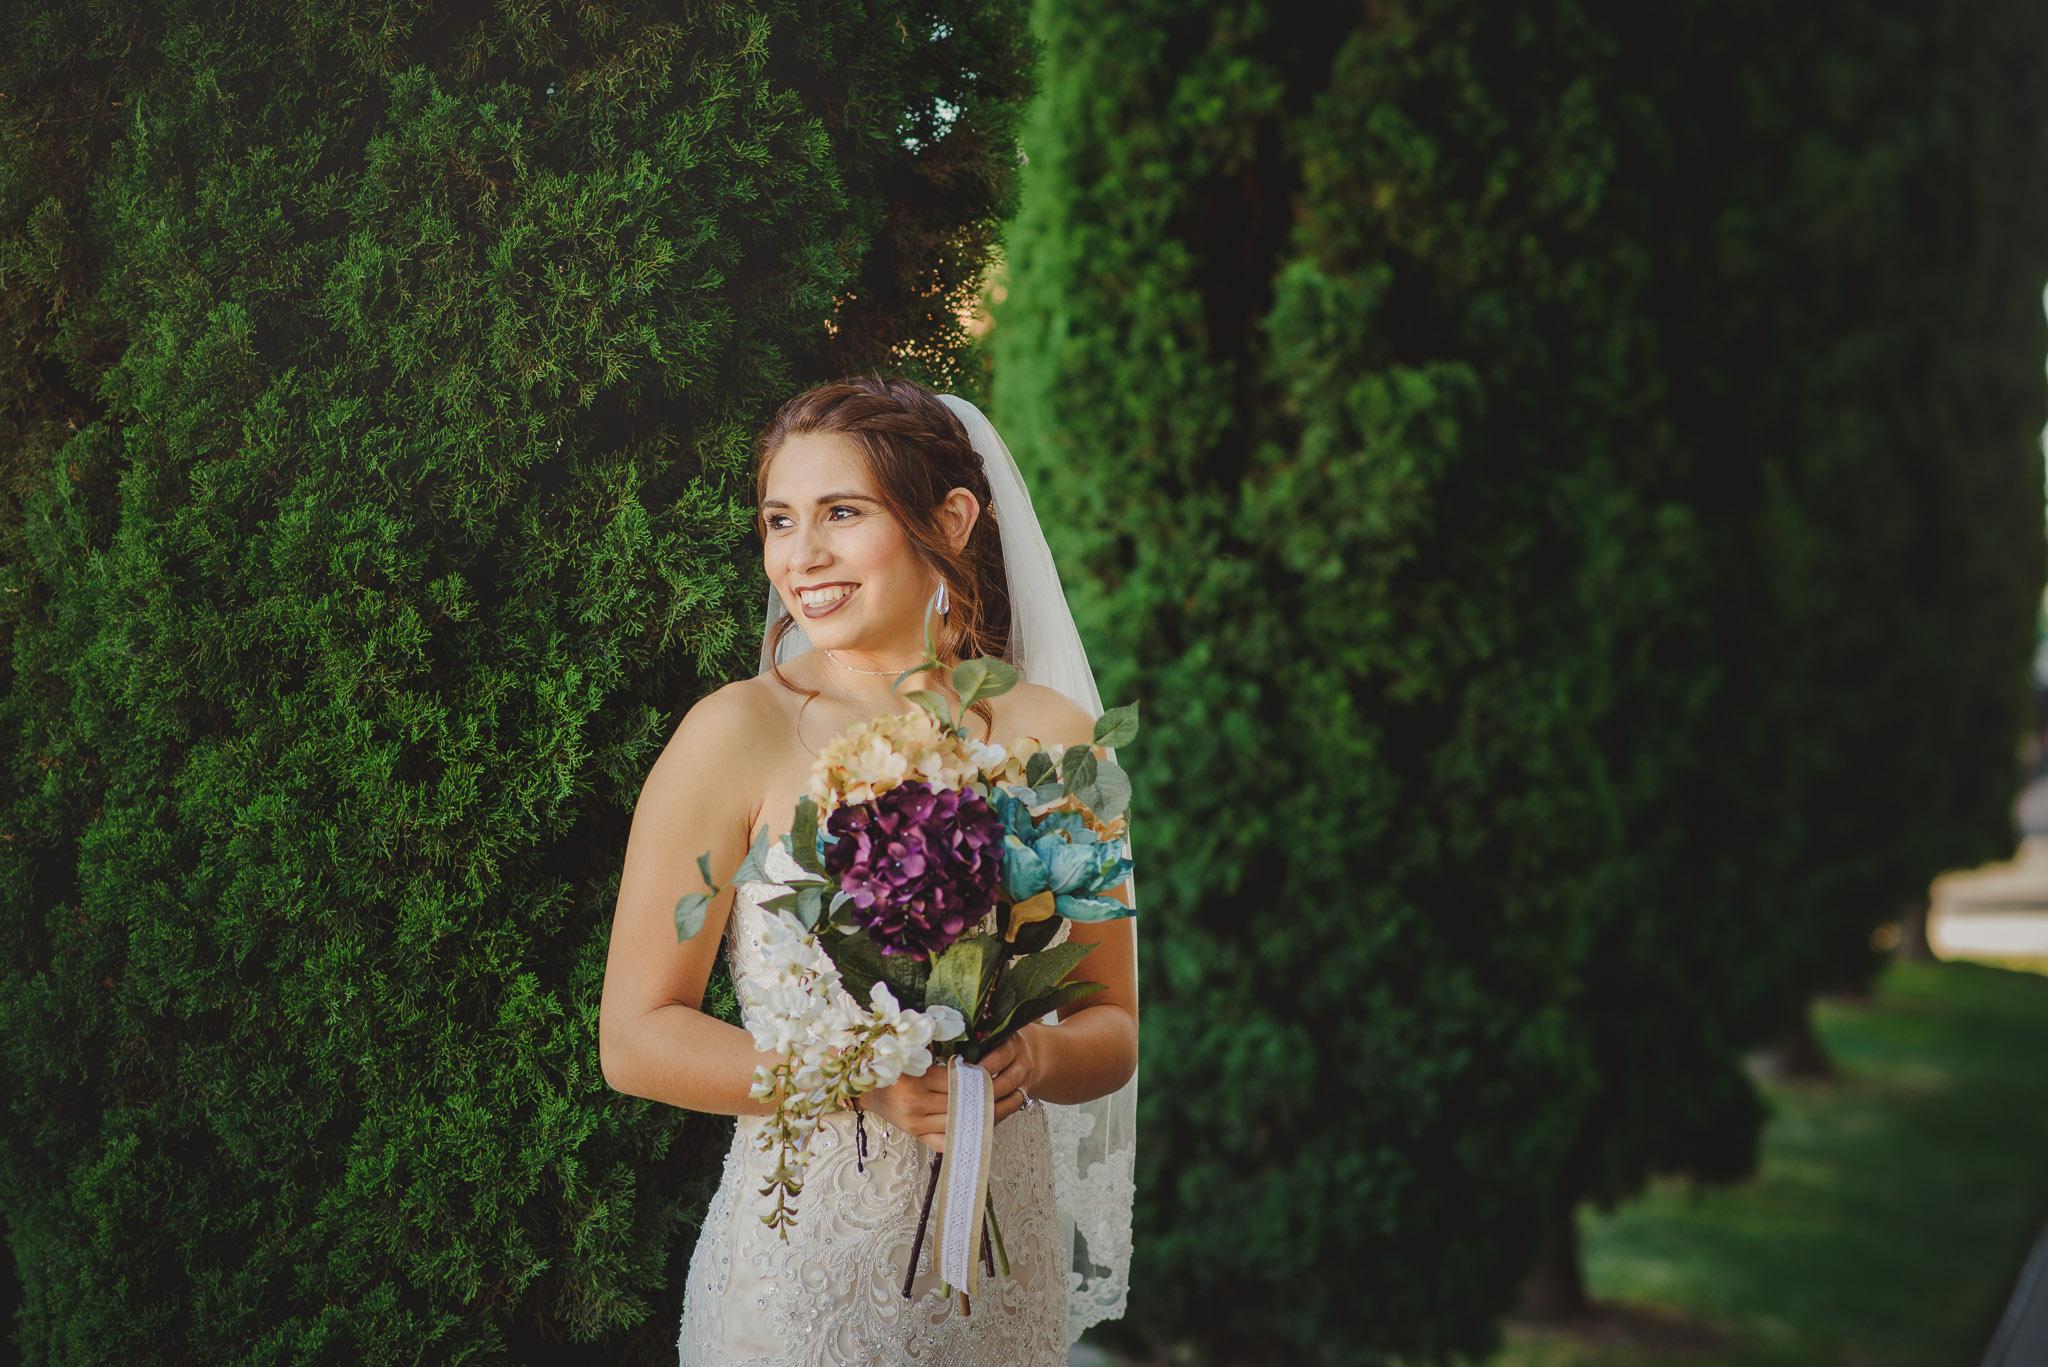 Marfa_Texas_Wedding_Photographer-0007.jpg